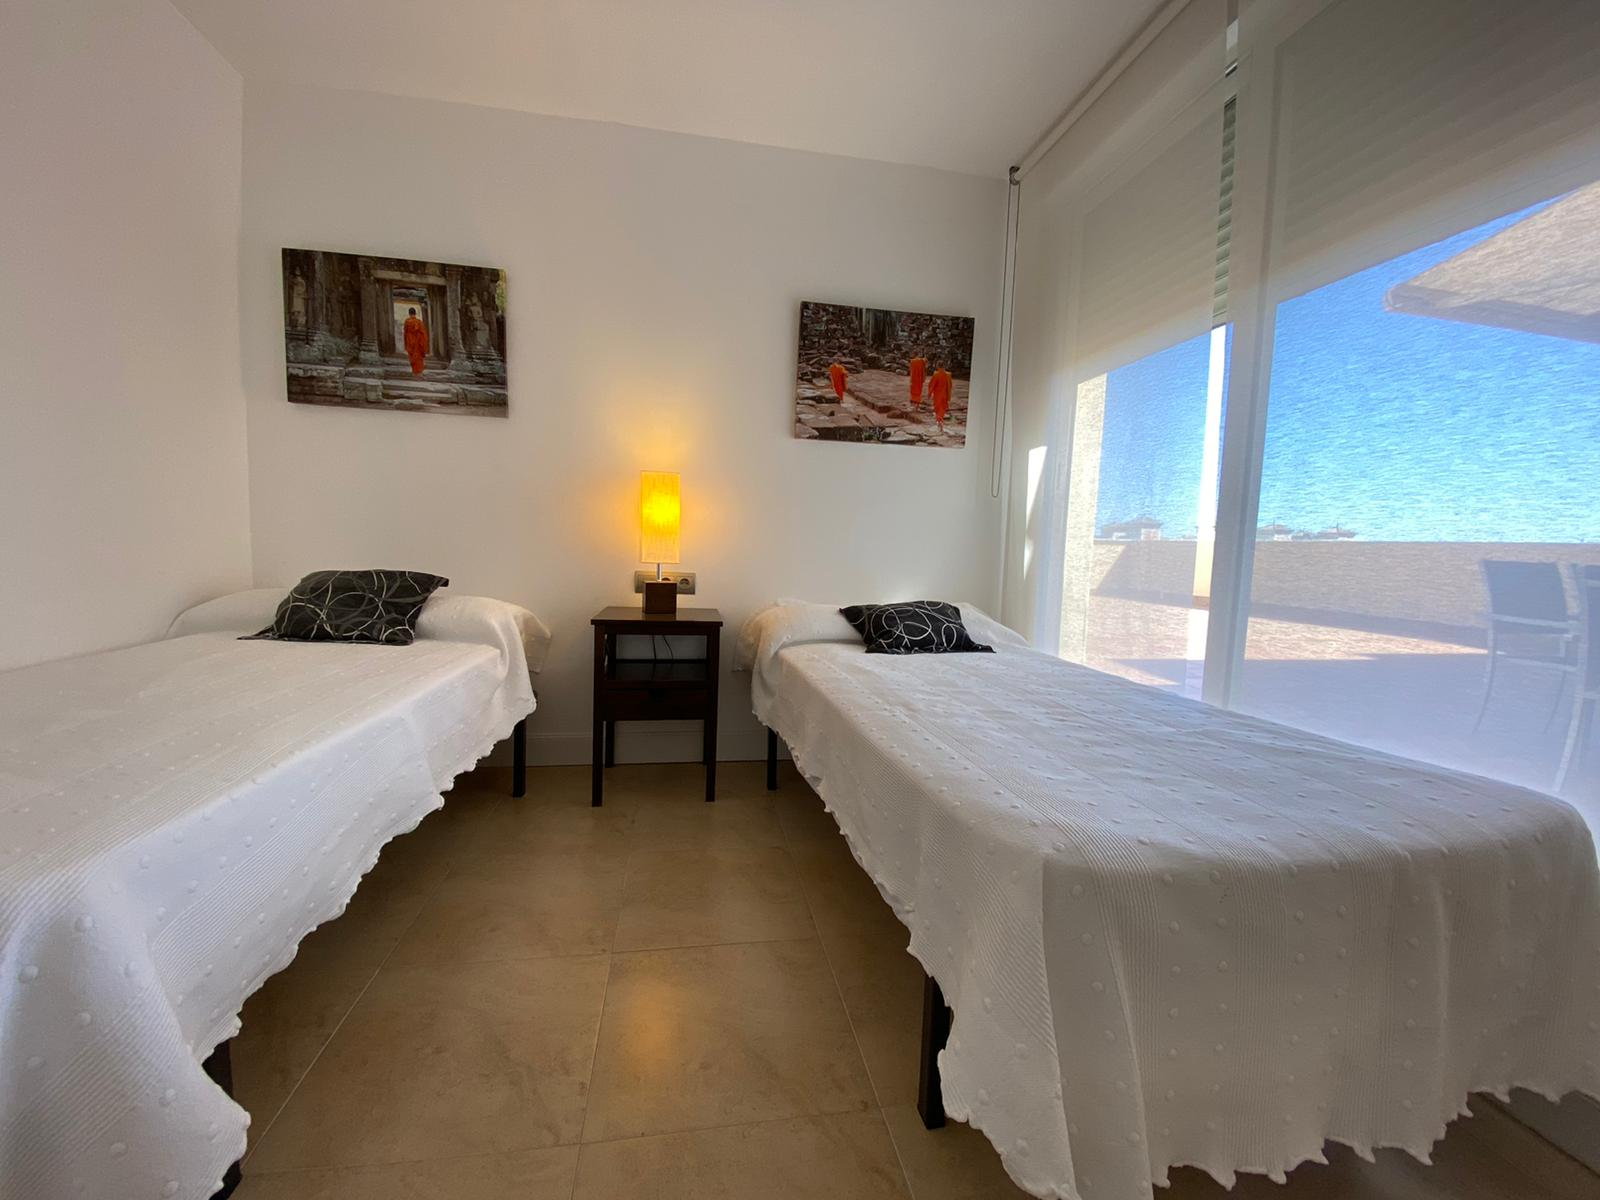 Imagen 20 del Apartamento Turístico, Ático 8 Poniente (3d+2b), Punta del Moral (HUELVA), Paseo de la Cruz nº22